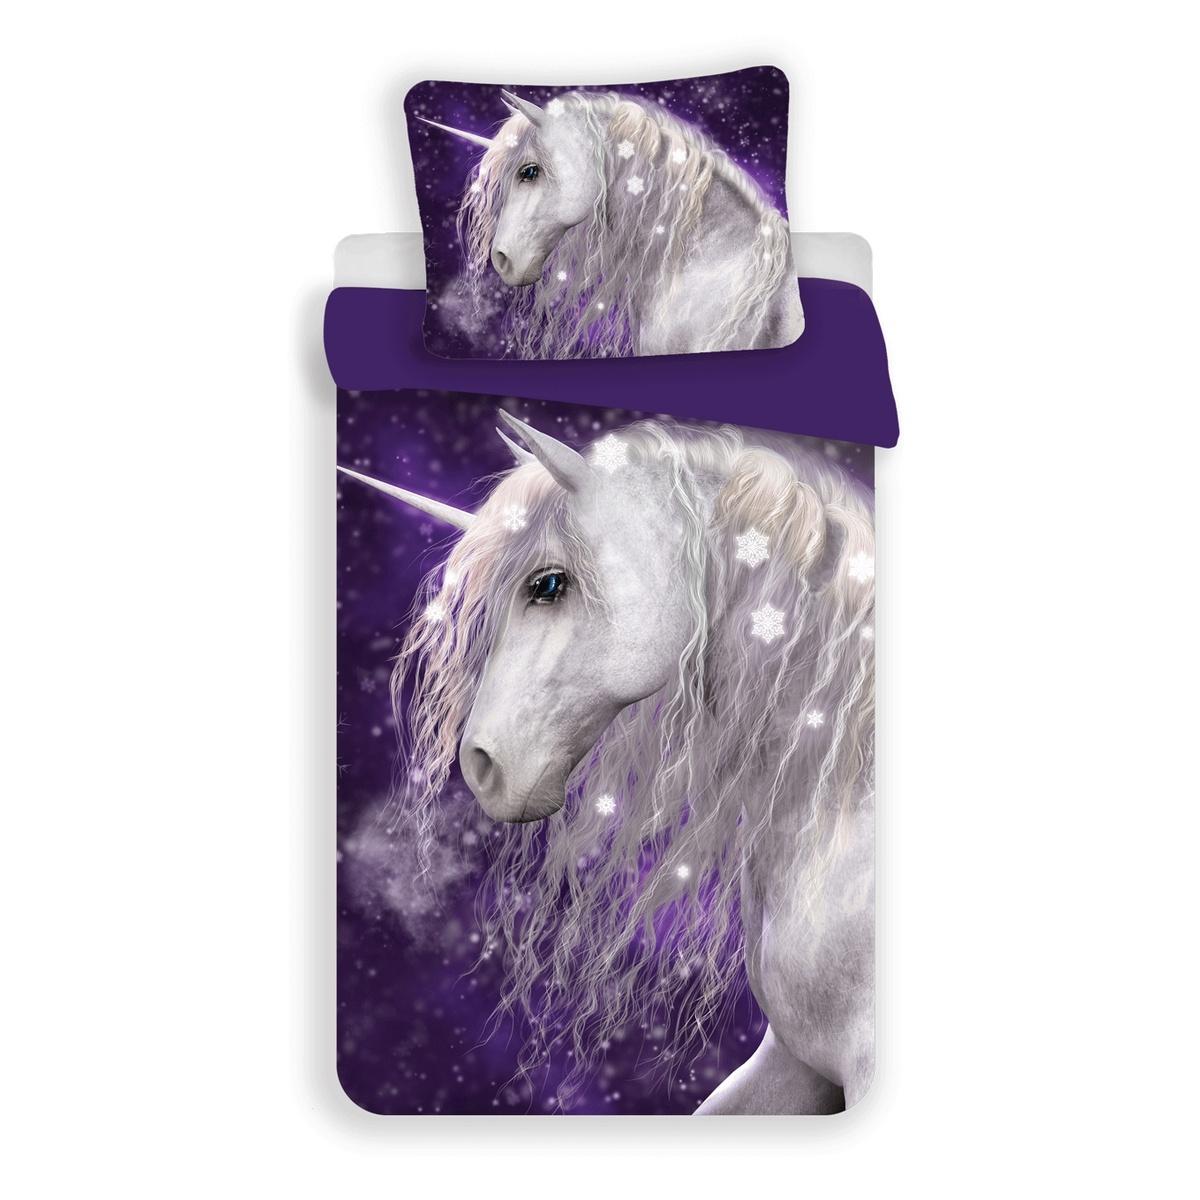 Jerry Fabrics Dětské bavlněné povlečení Unicorn, 140 x 200 cm, 70 x 90 cm